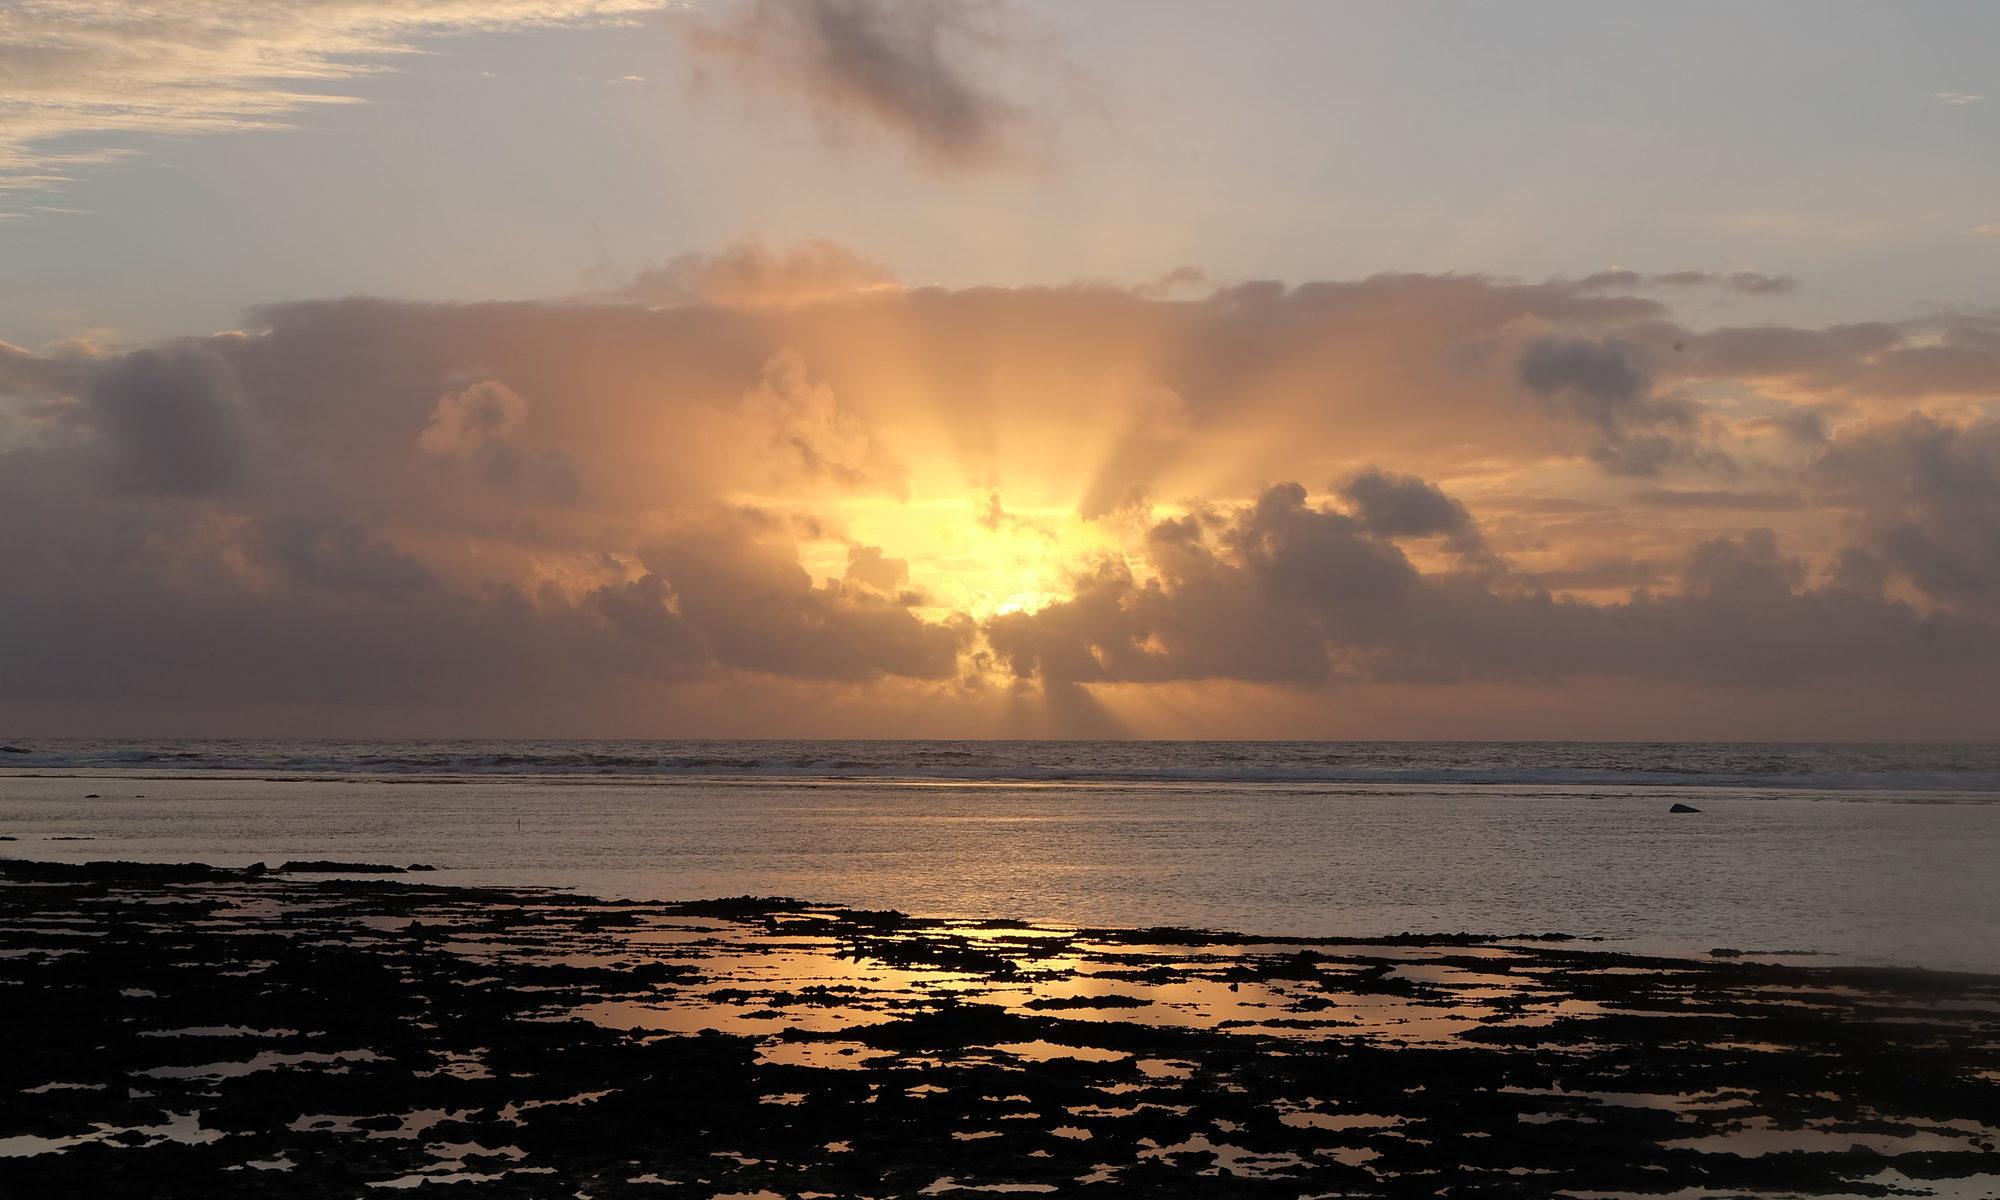 久高島の水平線からのぼる朝日